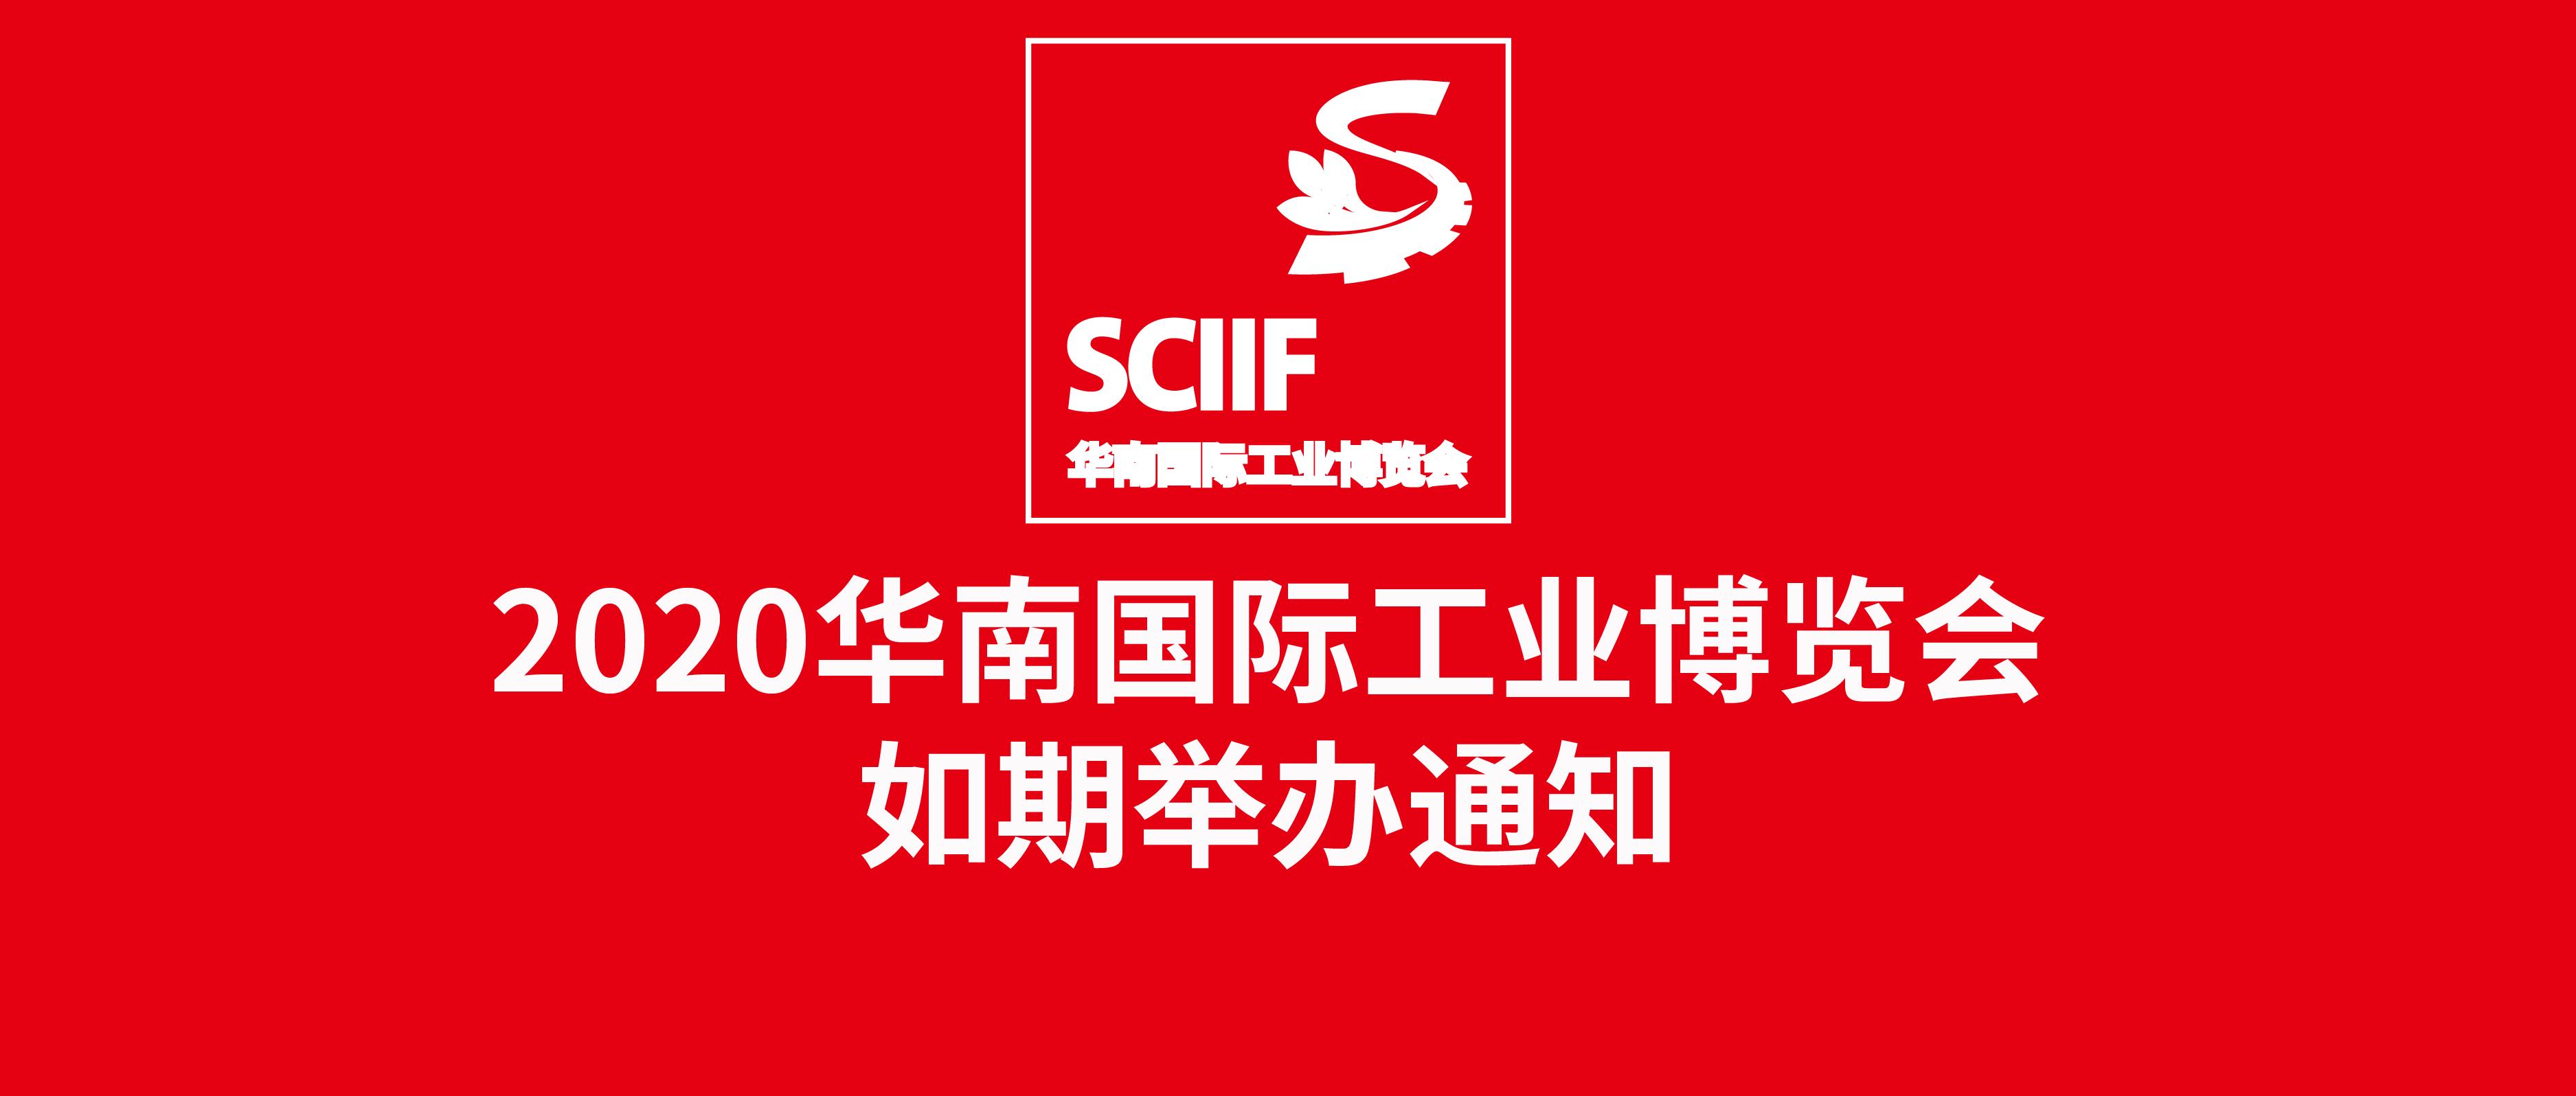 【相关展会】2020 华南国际工业博览会如期举办通知